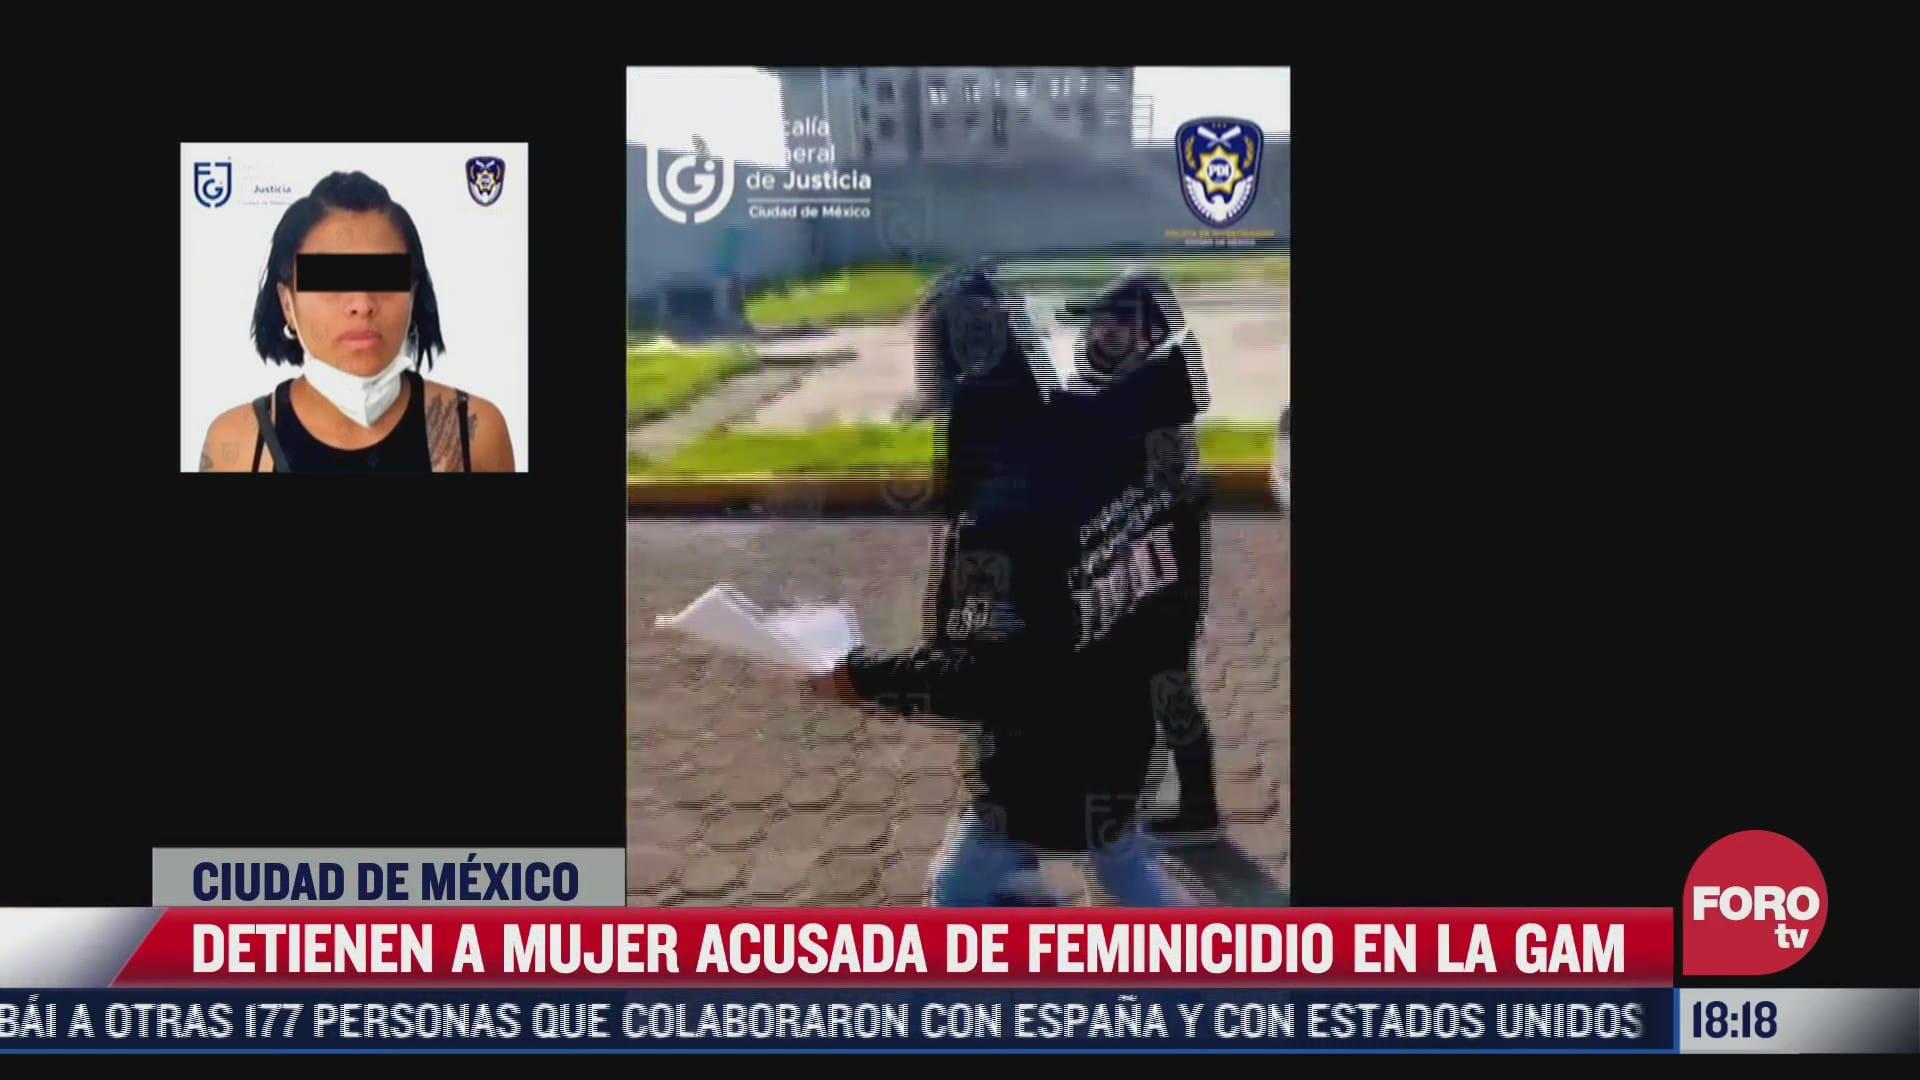 detienen a mujer acusada de feminicidio en la gam